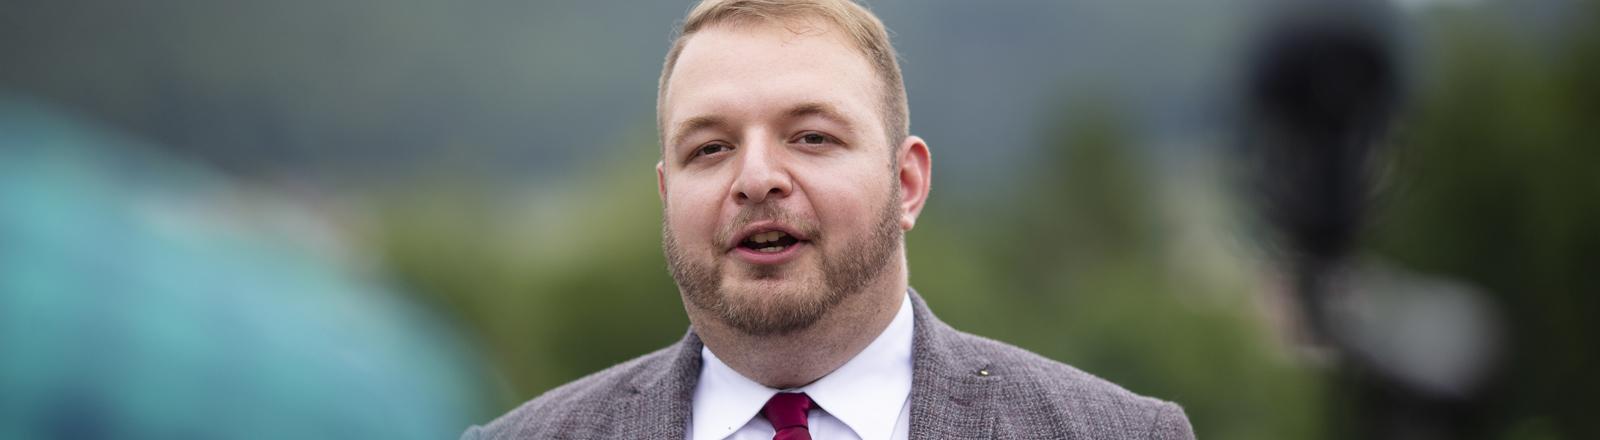 Damian Lohr, Bundesvorsitzender der Jungen Alternative (JA